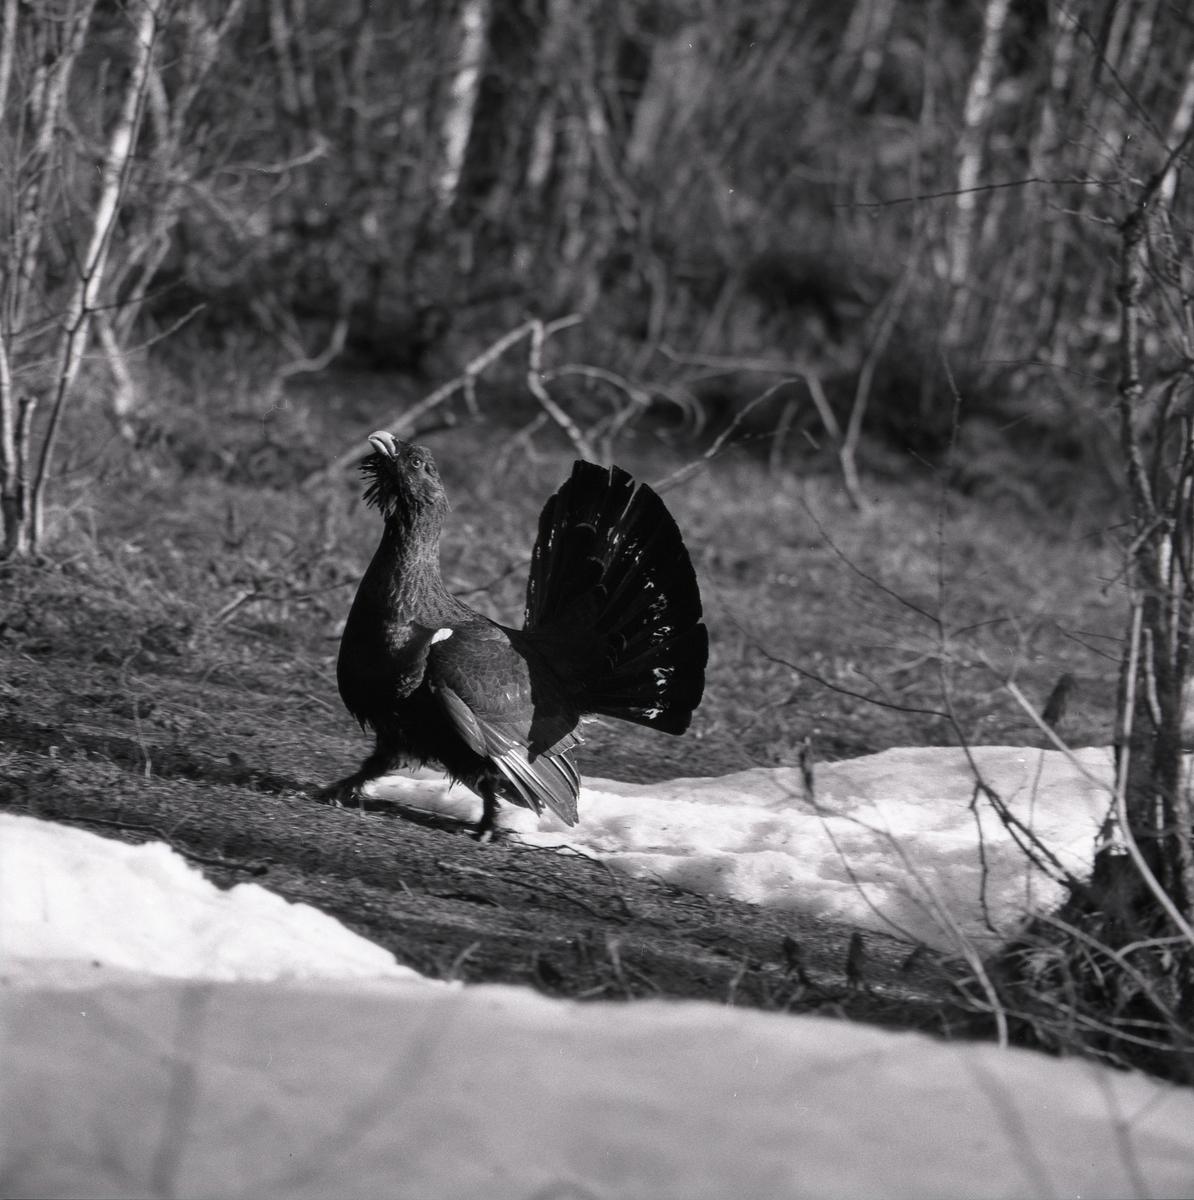 En tjäder spelar i skogen våren 1975. Marken är fläckvis täckt av snö.